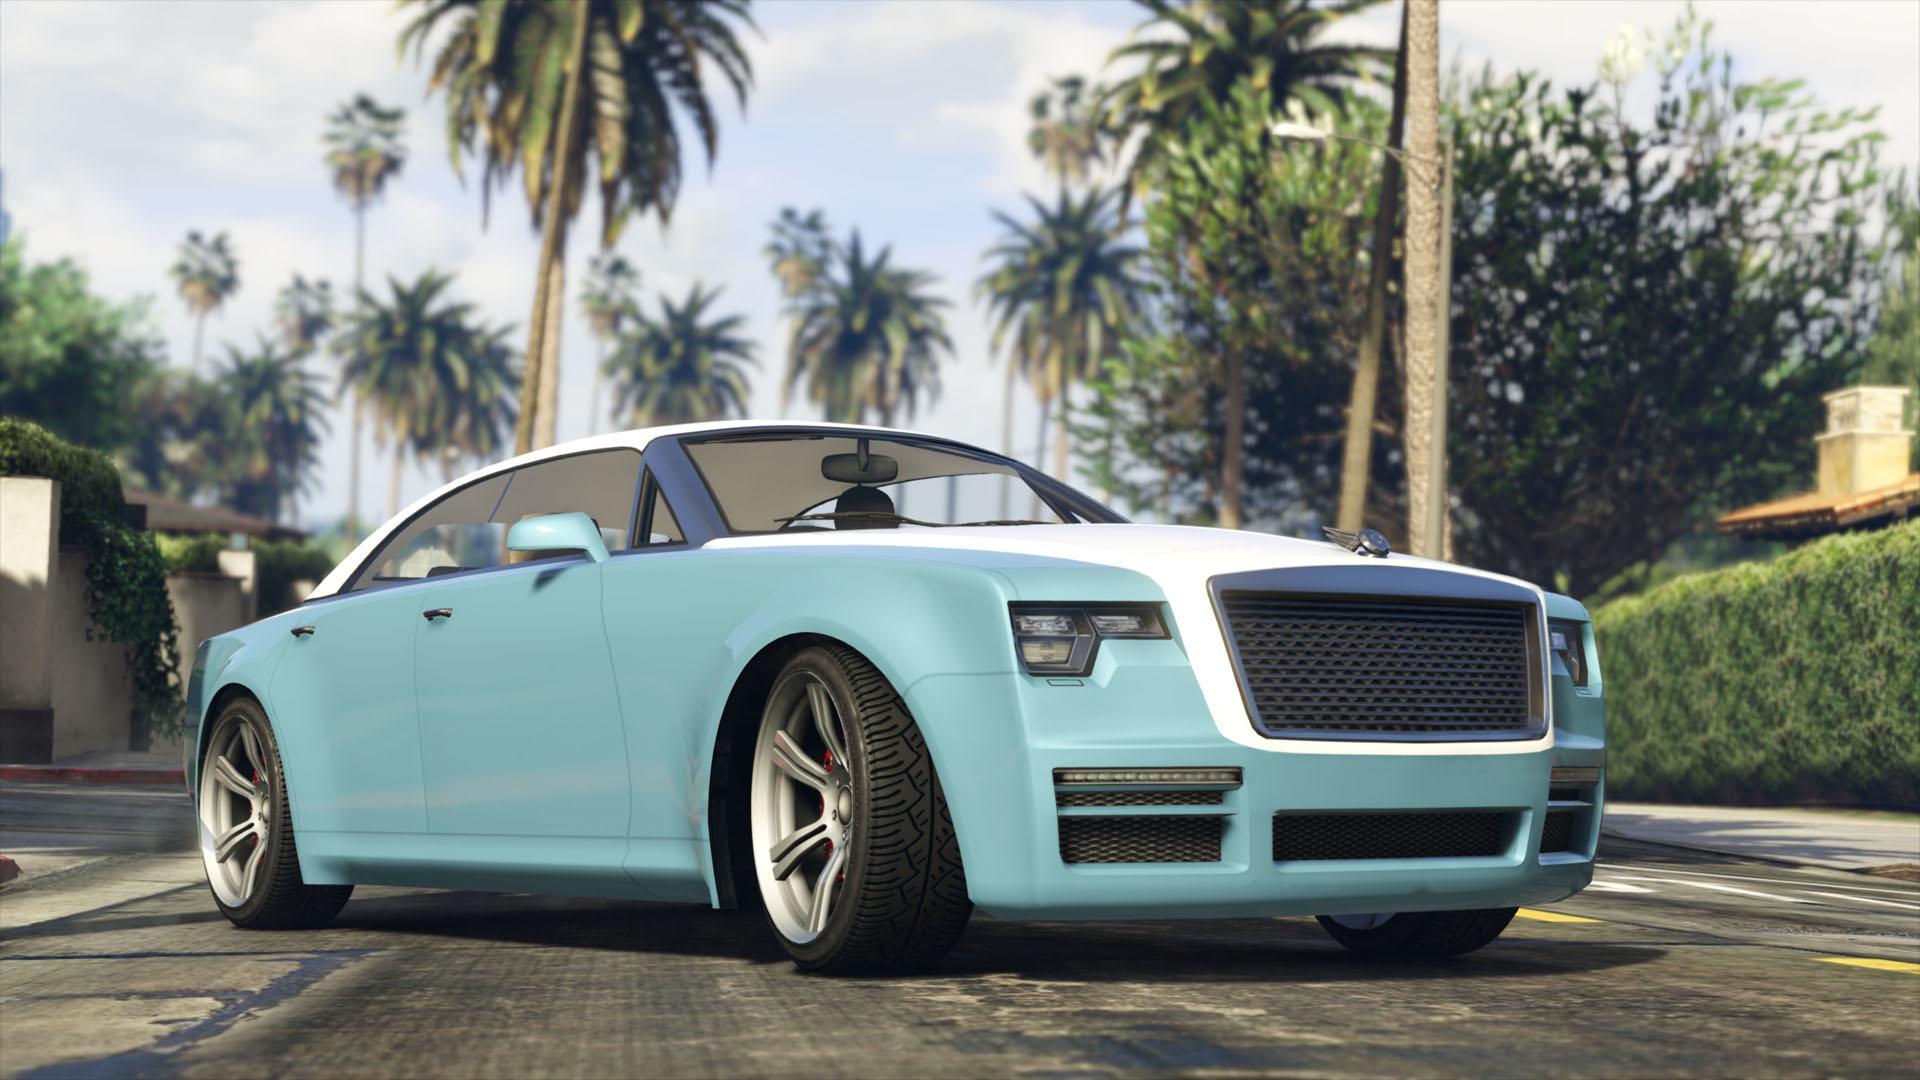 GTA Online: 'Criminal Enterprise Starter Pack' - Full Content